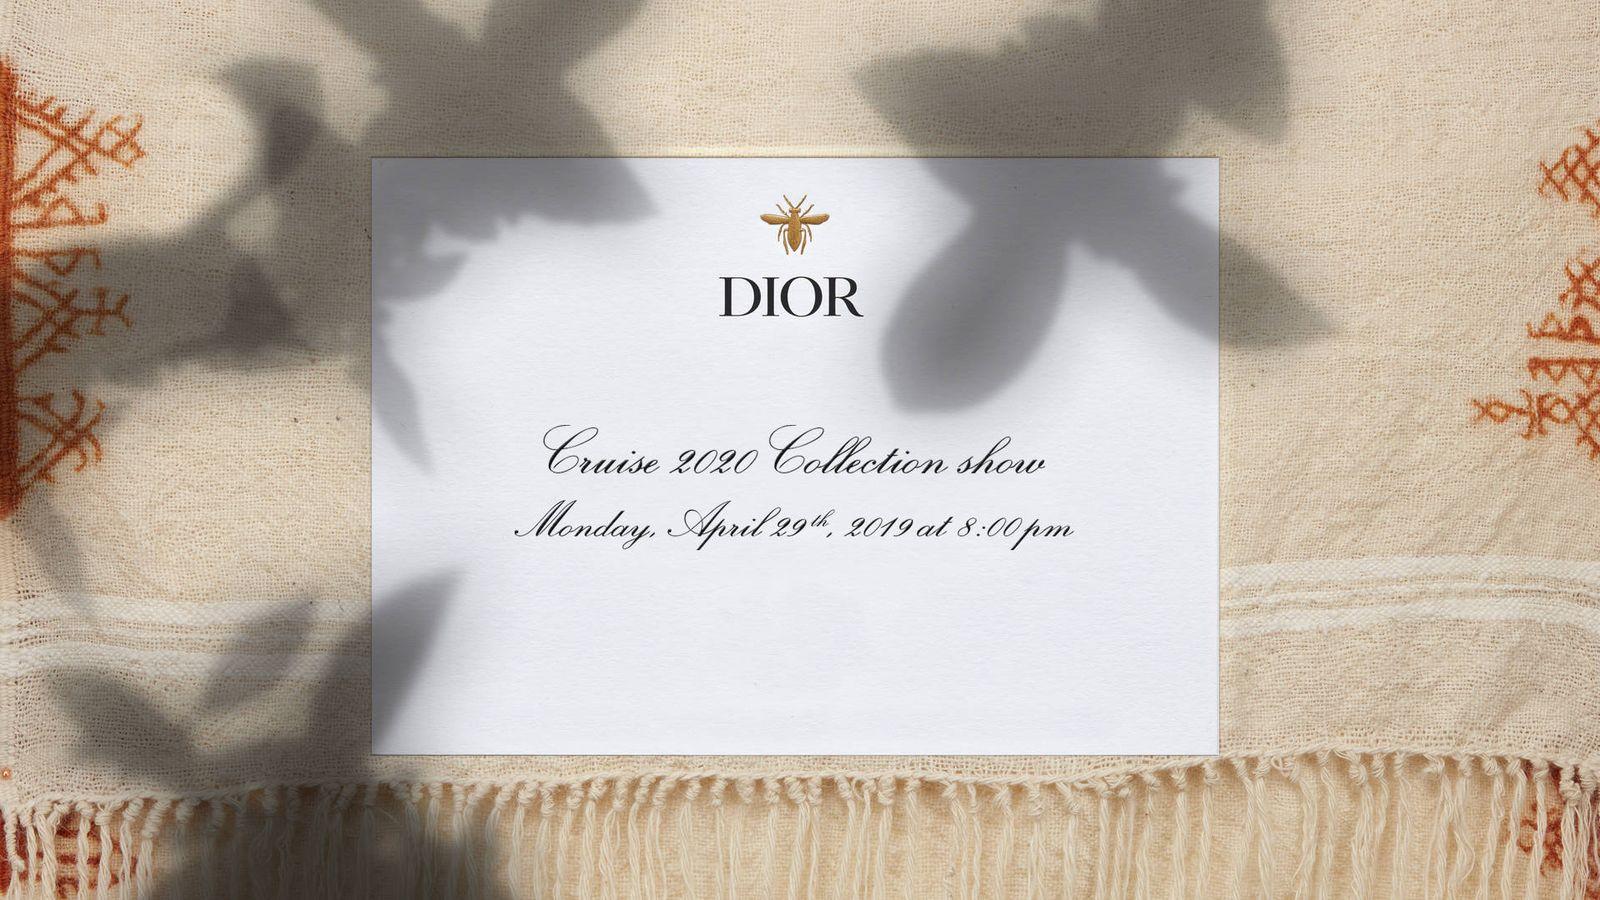 Foto: La invitación al desfile en streaming del que podrás disfrutar en Vanitatis. (Cortesía Dior)